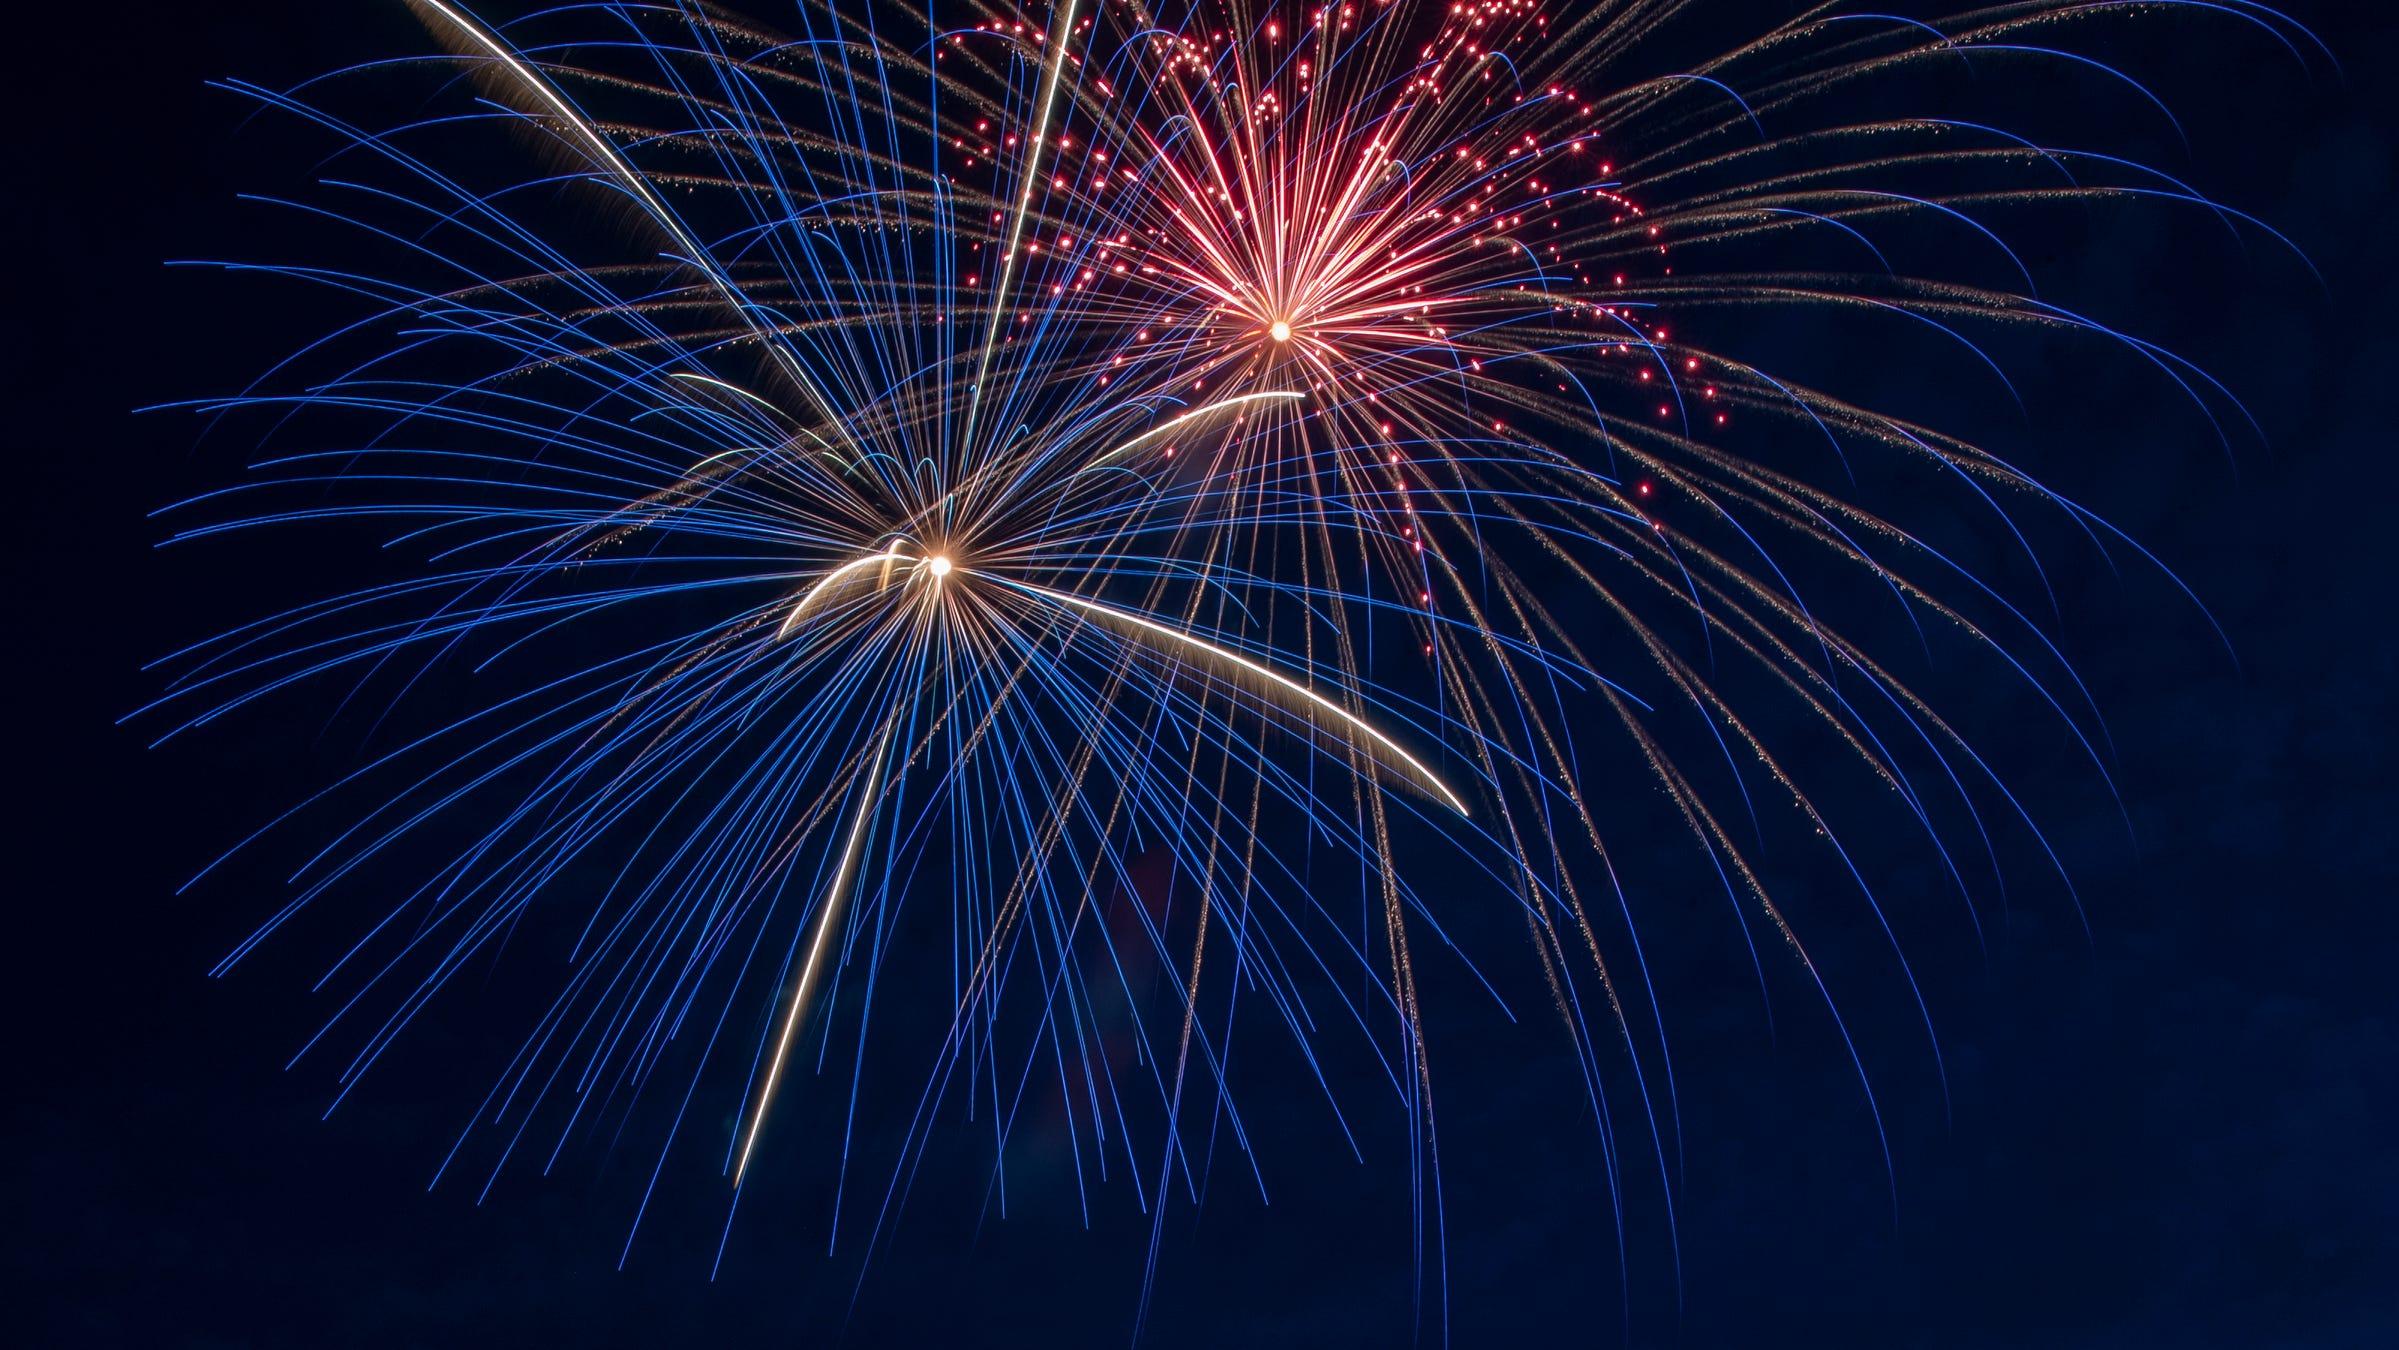 Fuegos artificiales en una de las tres celebraciones oficiales del 4 de julio en Carmel, el sábado 4 de julio de 2020. Otras exhibiciones de fuegos artificiales locales, incluida Indianápolis, se cancelaron por temor al nuevo coronavirus.